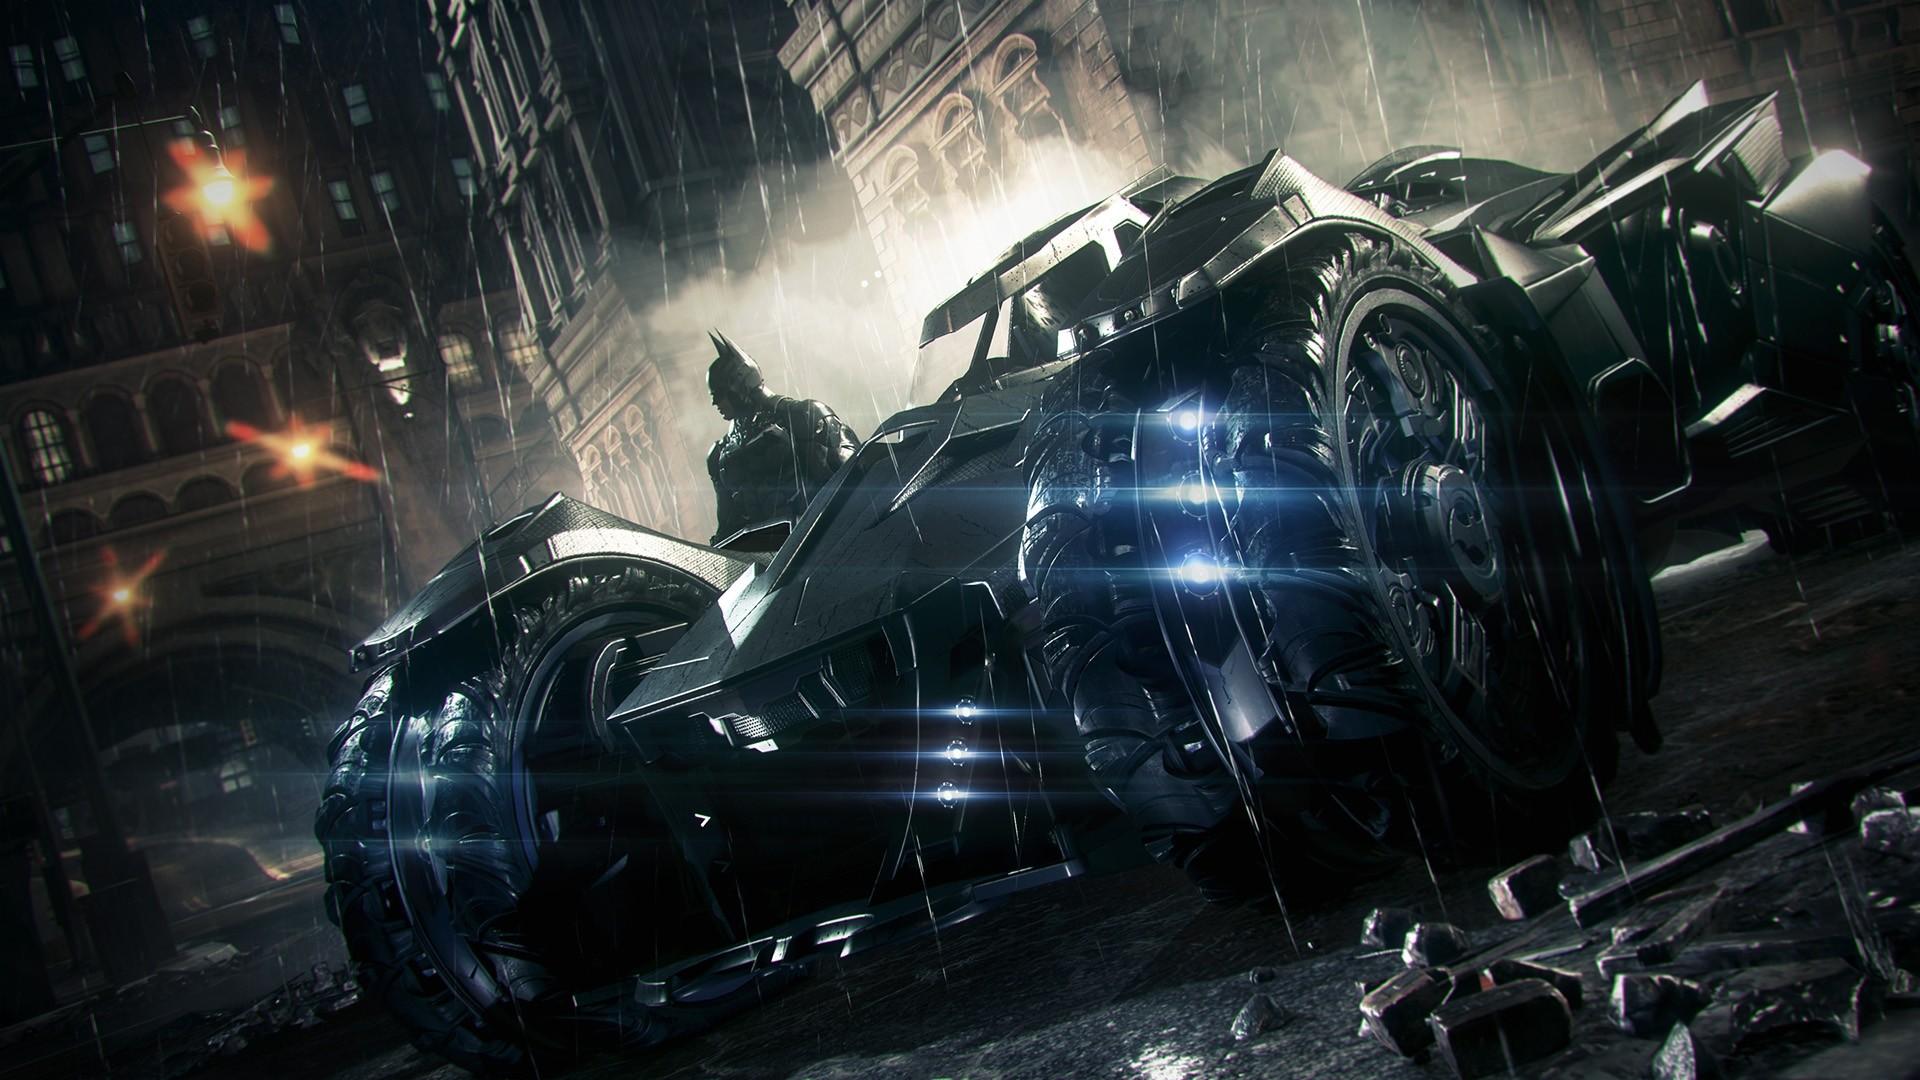 batman car hd wallpaper free download